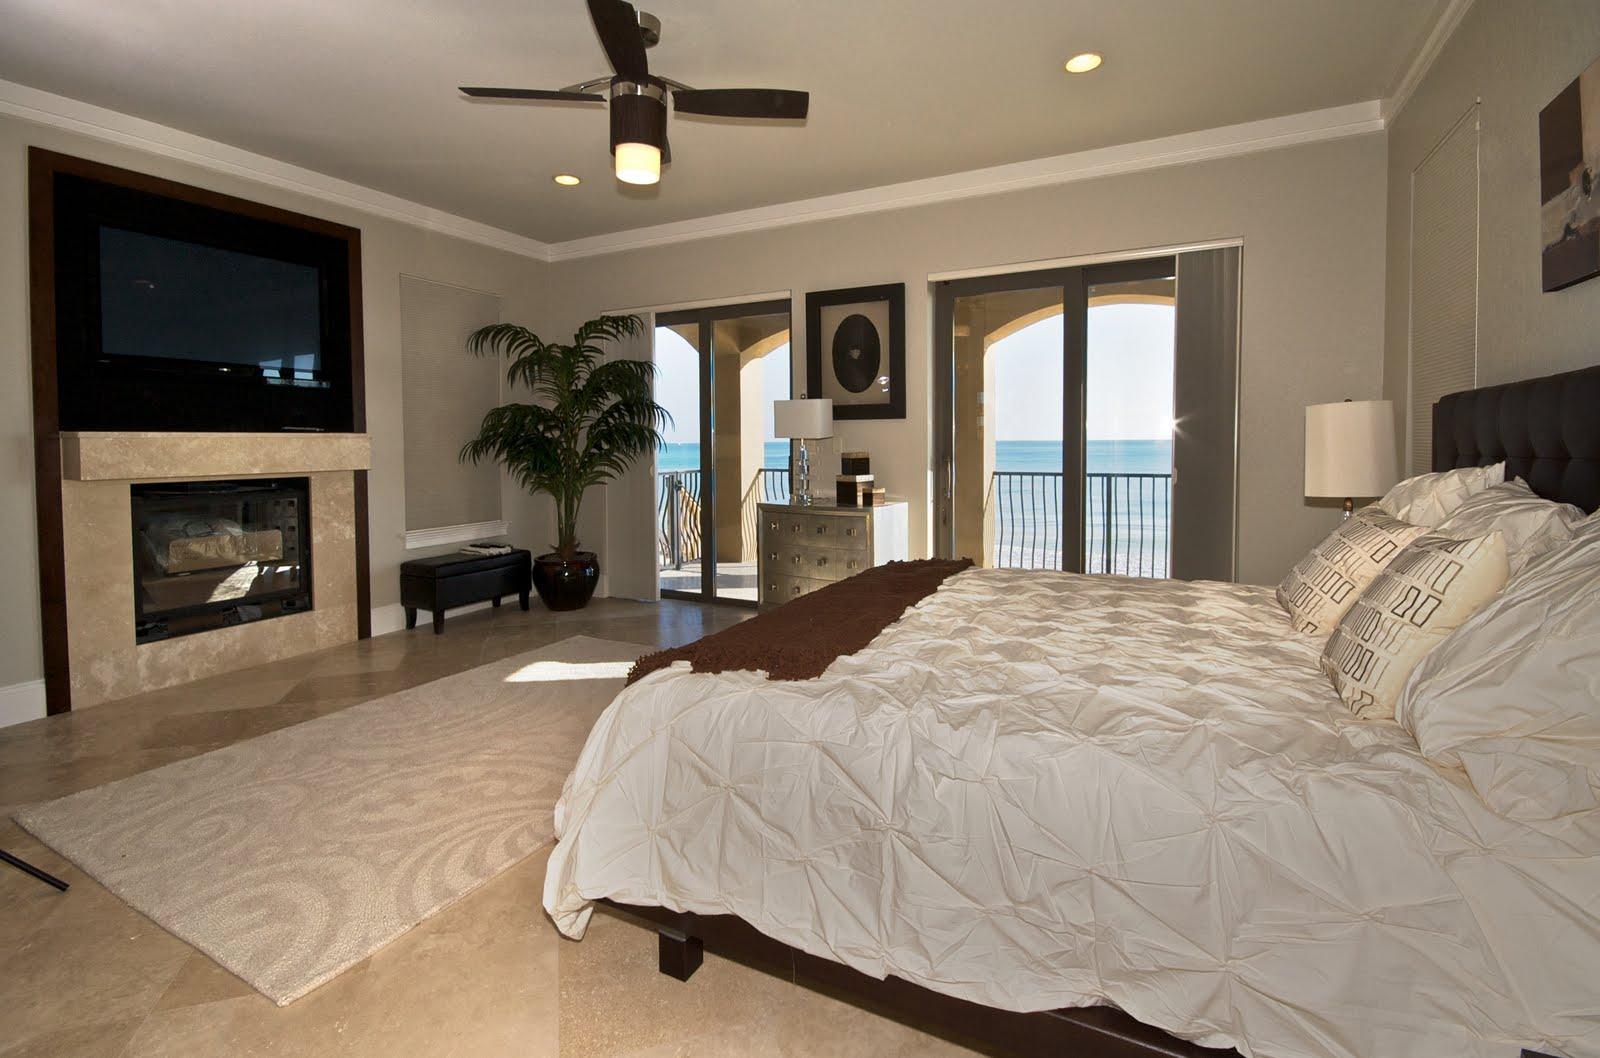 Naples Florida Condo Rentals: Naples Florida Luxury Condo ...